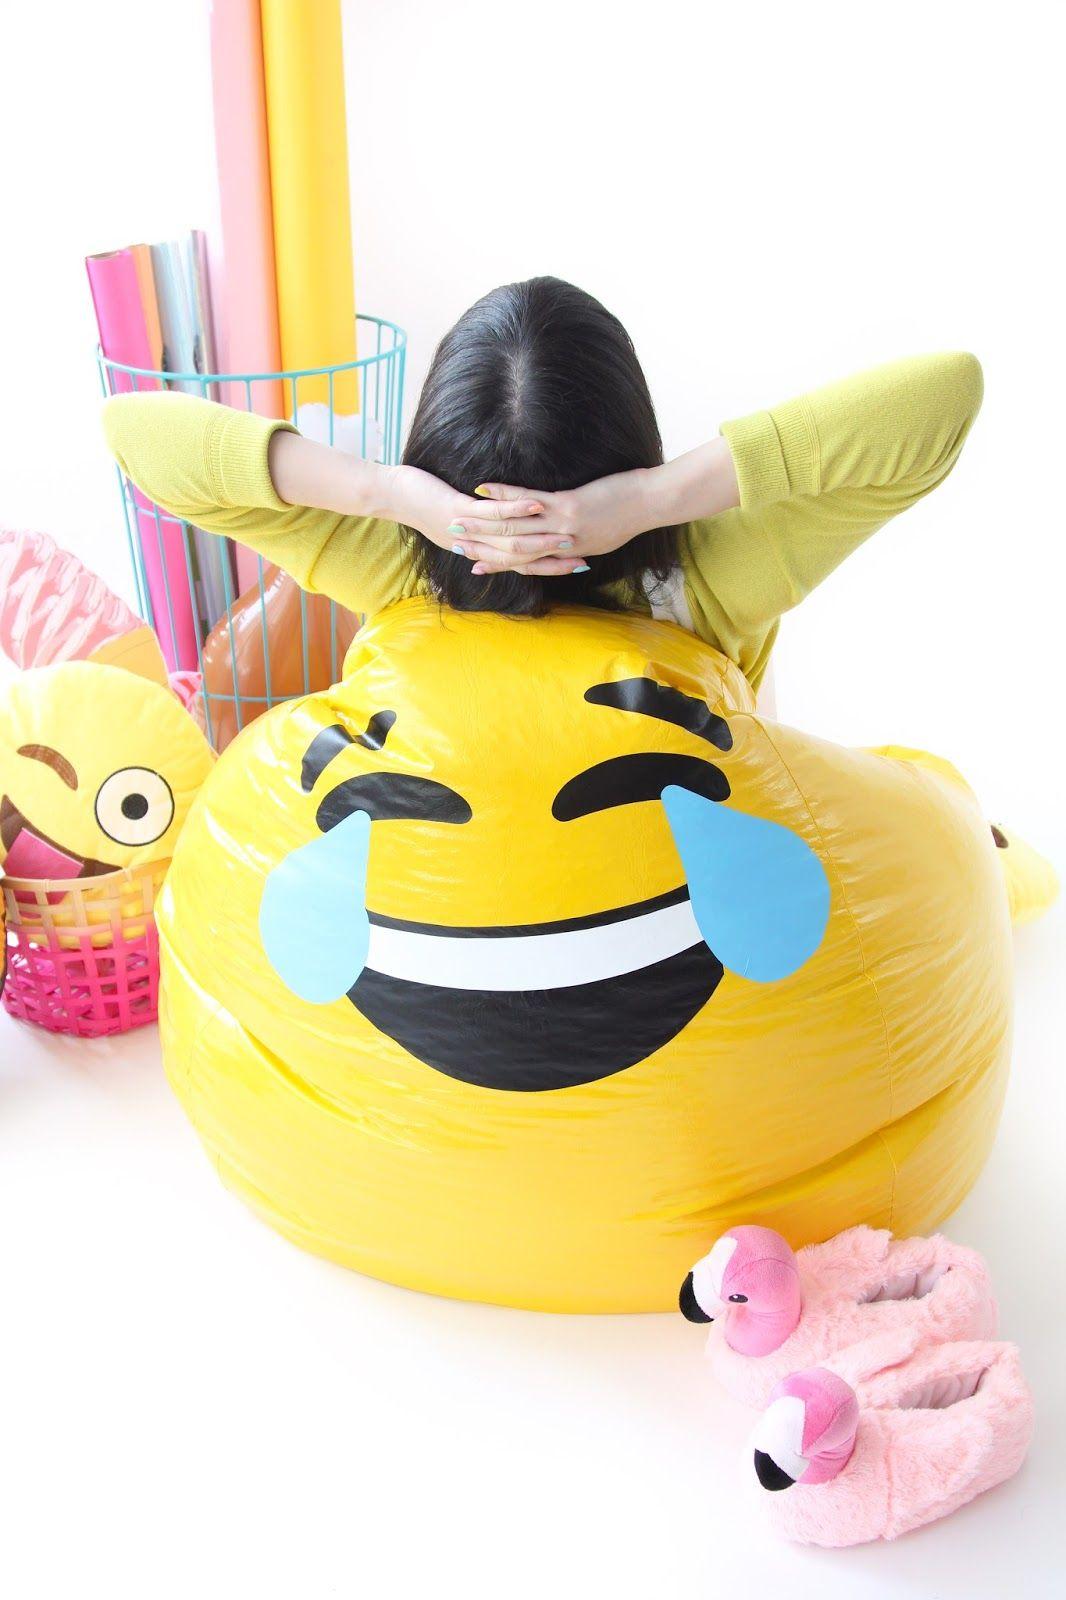 Star Wars Bean Bag Chair Best Office Reddit 2018 Diy Emoji Duh